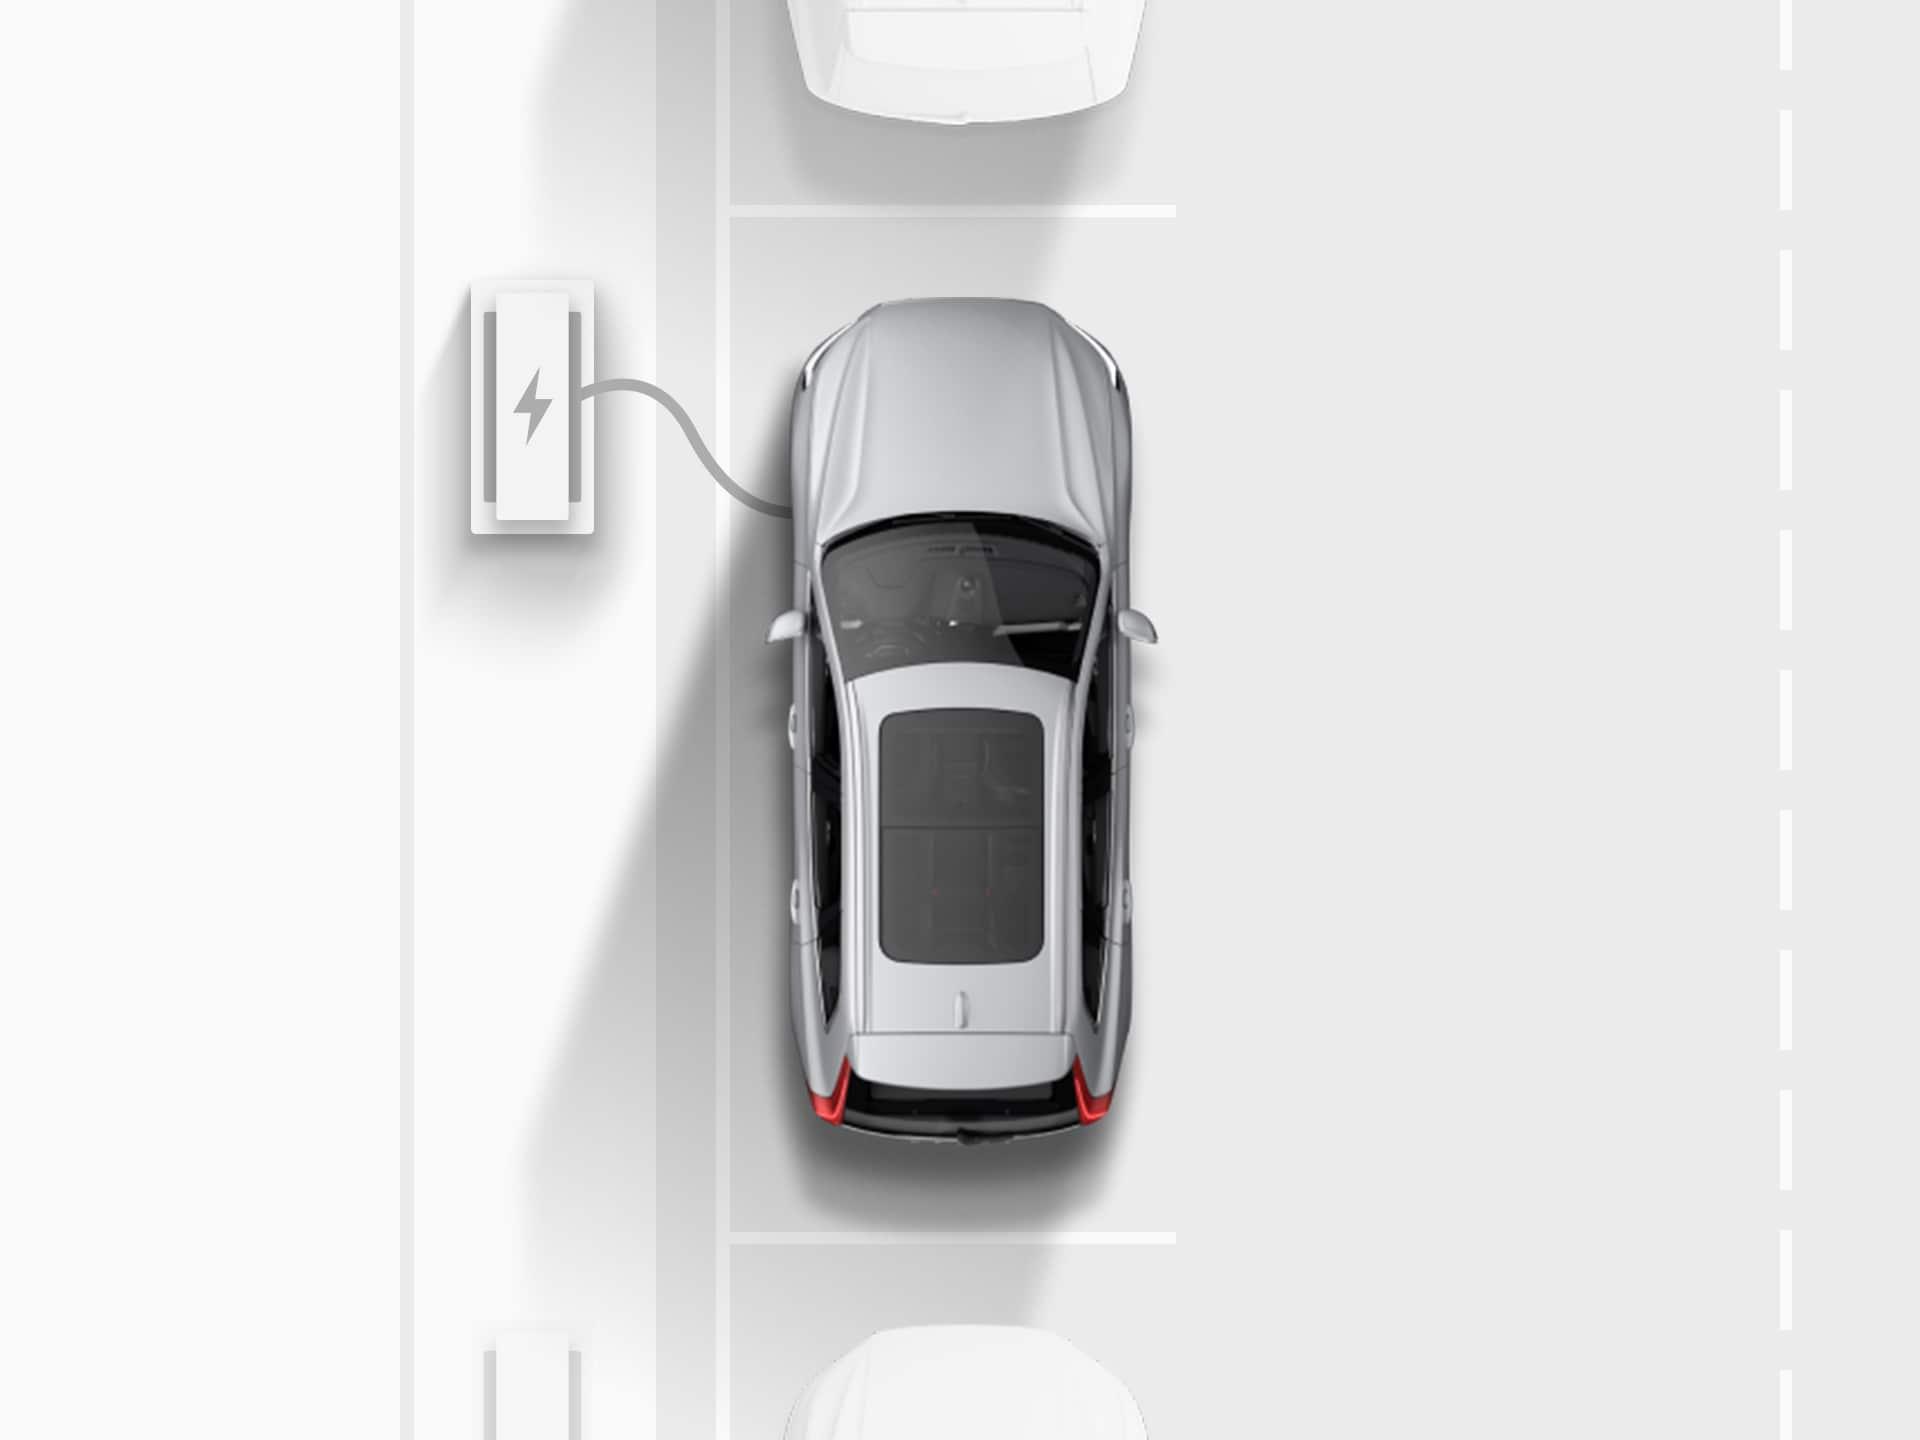 Representación digital de un Volvo XC40 Recharge Pure Electric SUV plateado conectado a una estación de recarga mientras está estacionado de forma paralela en una calle pública.